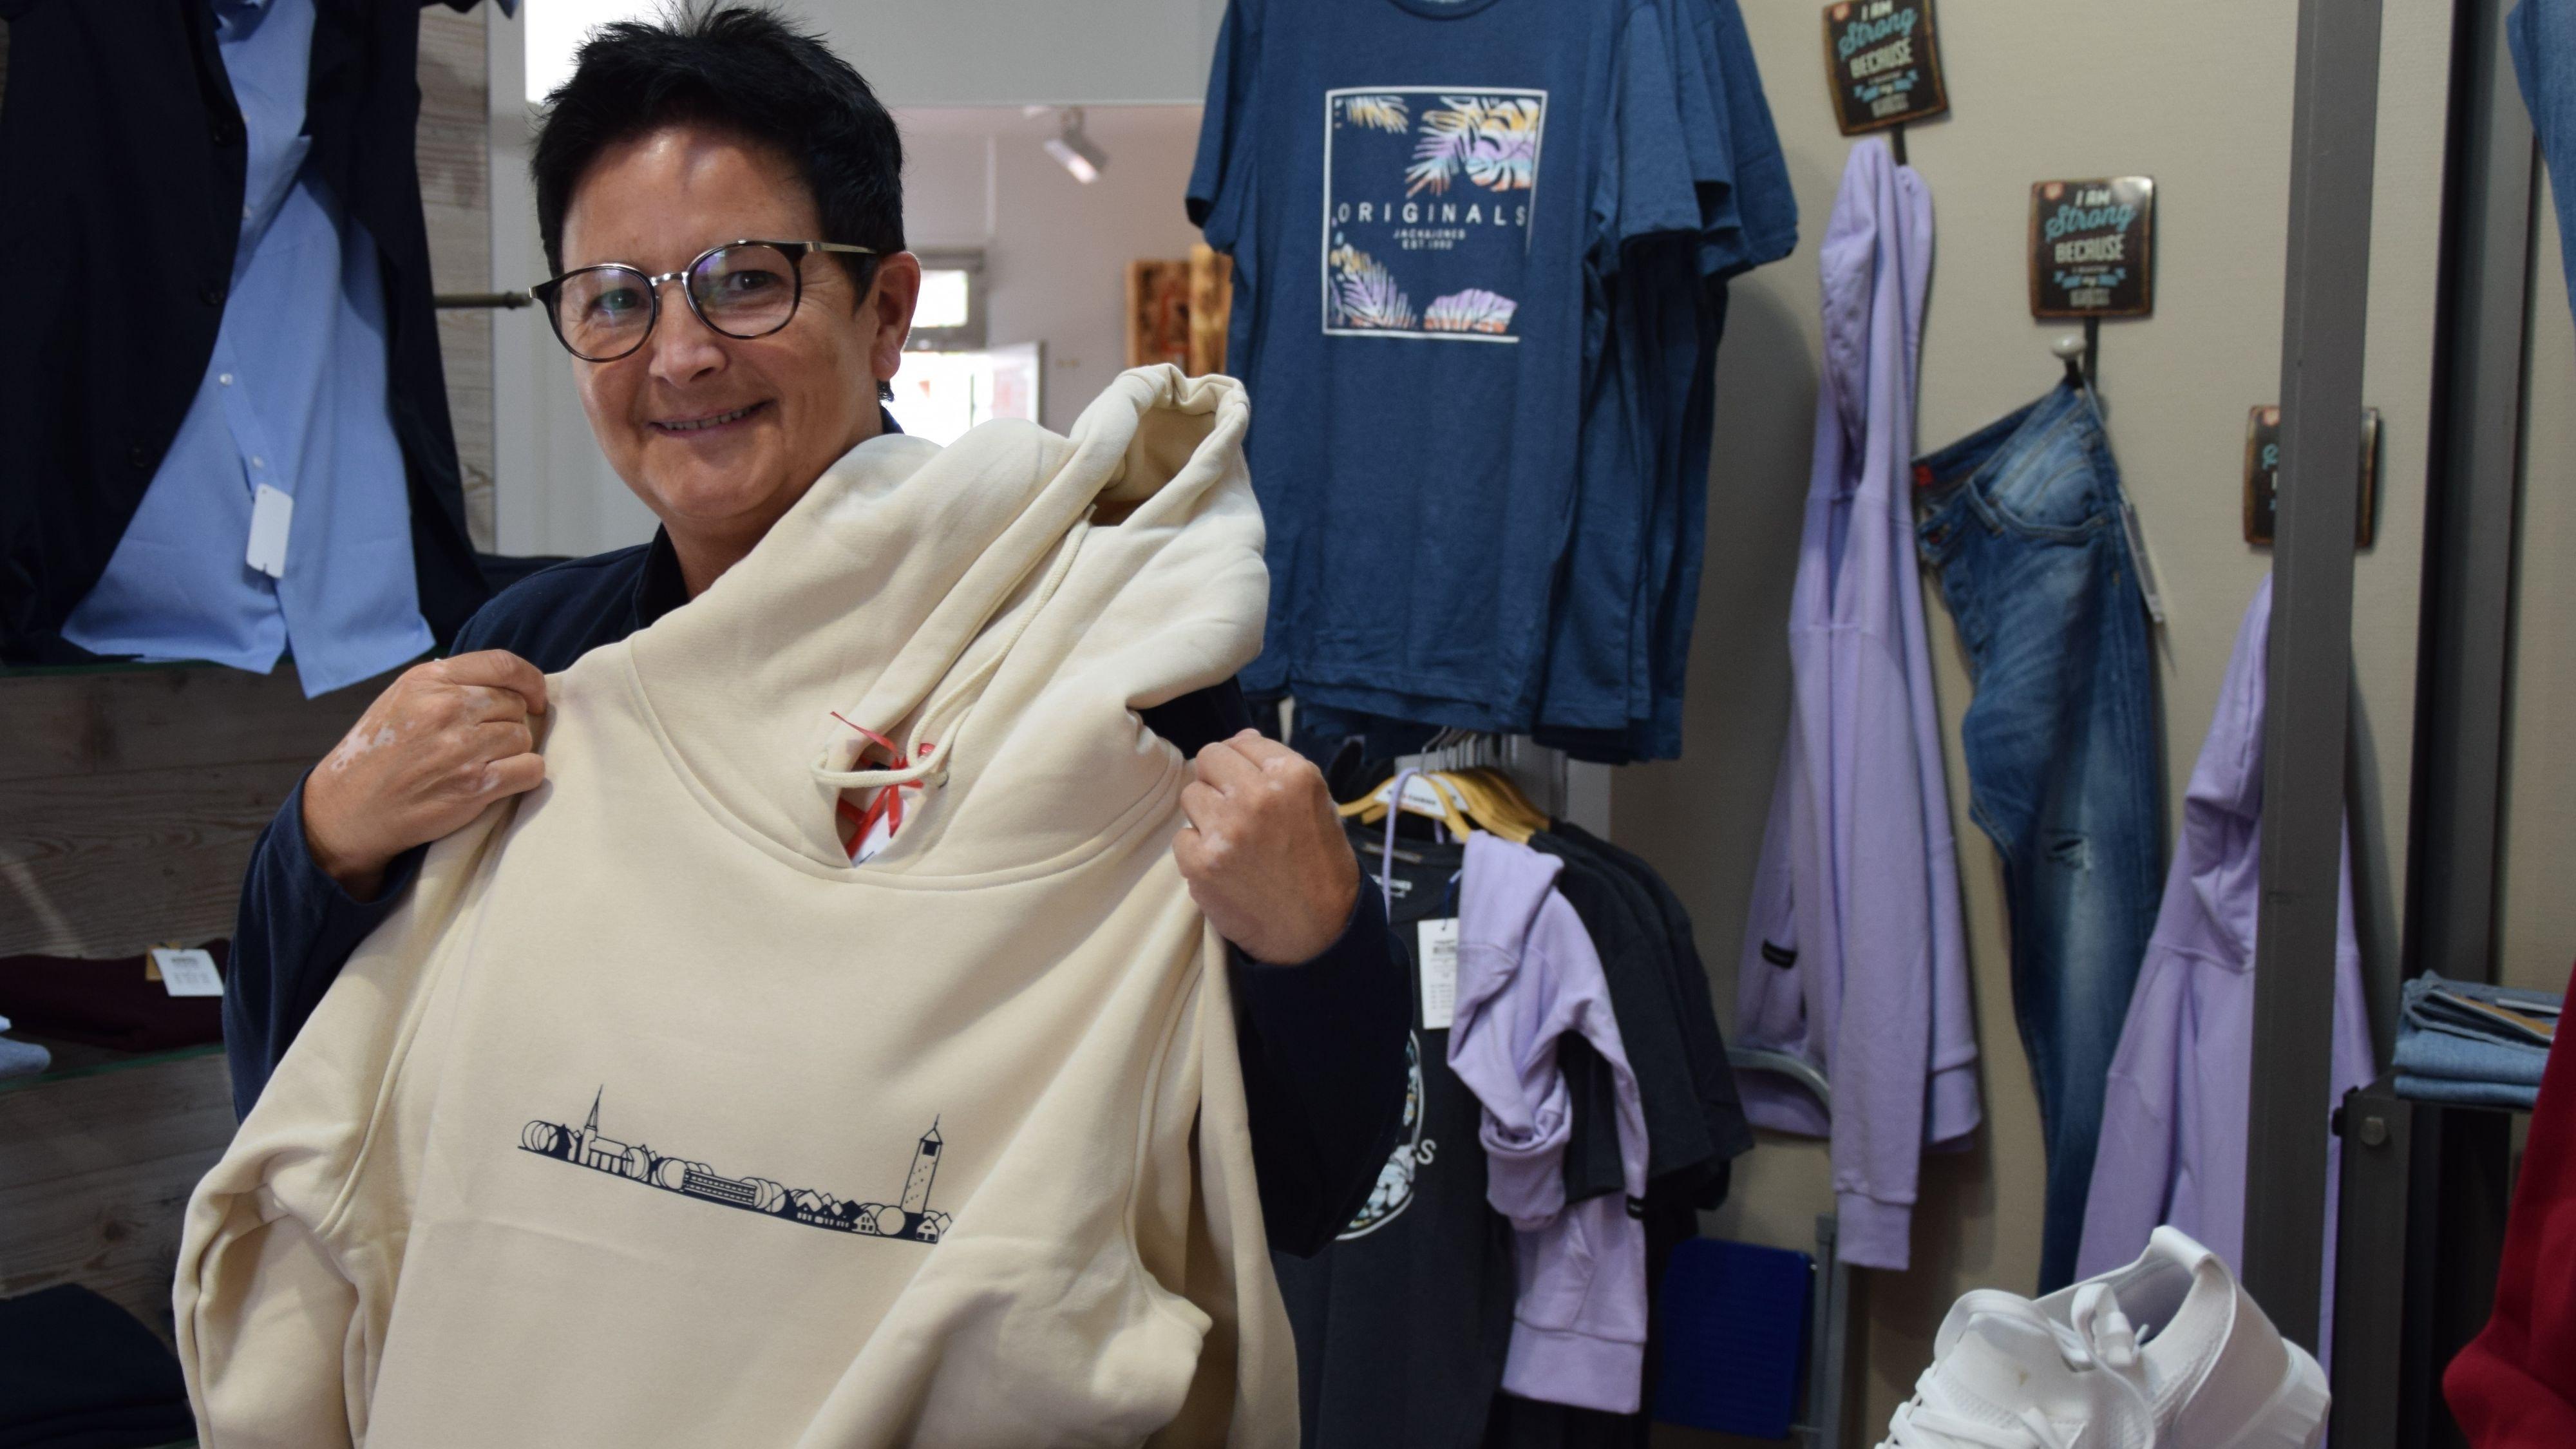 Löninger Skyline: Geschäftsinhaberin Maria Abeln ist dankbar für ihre treue Kundschaft während der Pandemie. Foto: Hahn